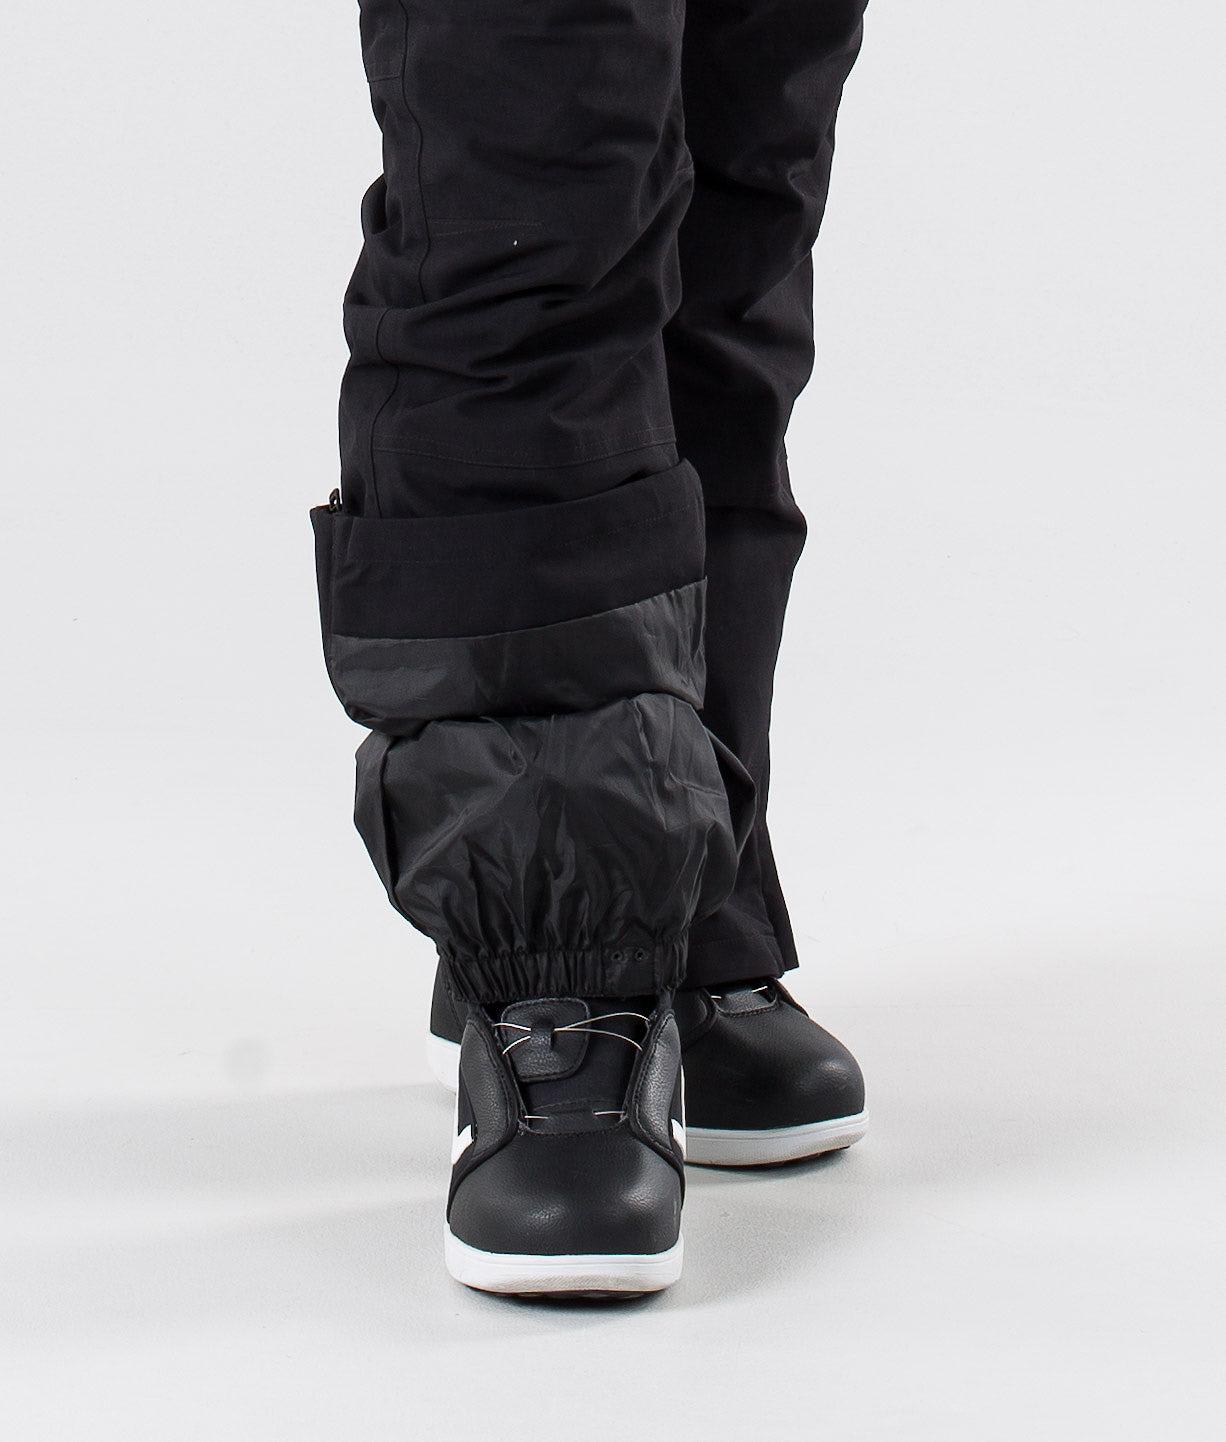 Kjøp Notorious BIB W Snowboardbukse fra Dope på Ridestore.no - Hos oss har du alltid fri frakt, fri retur og 30 dagers åpent kjøp!